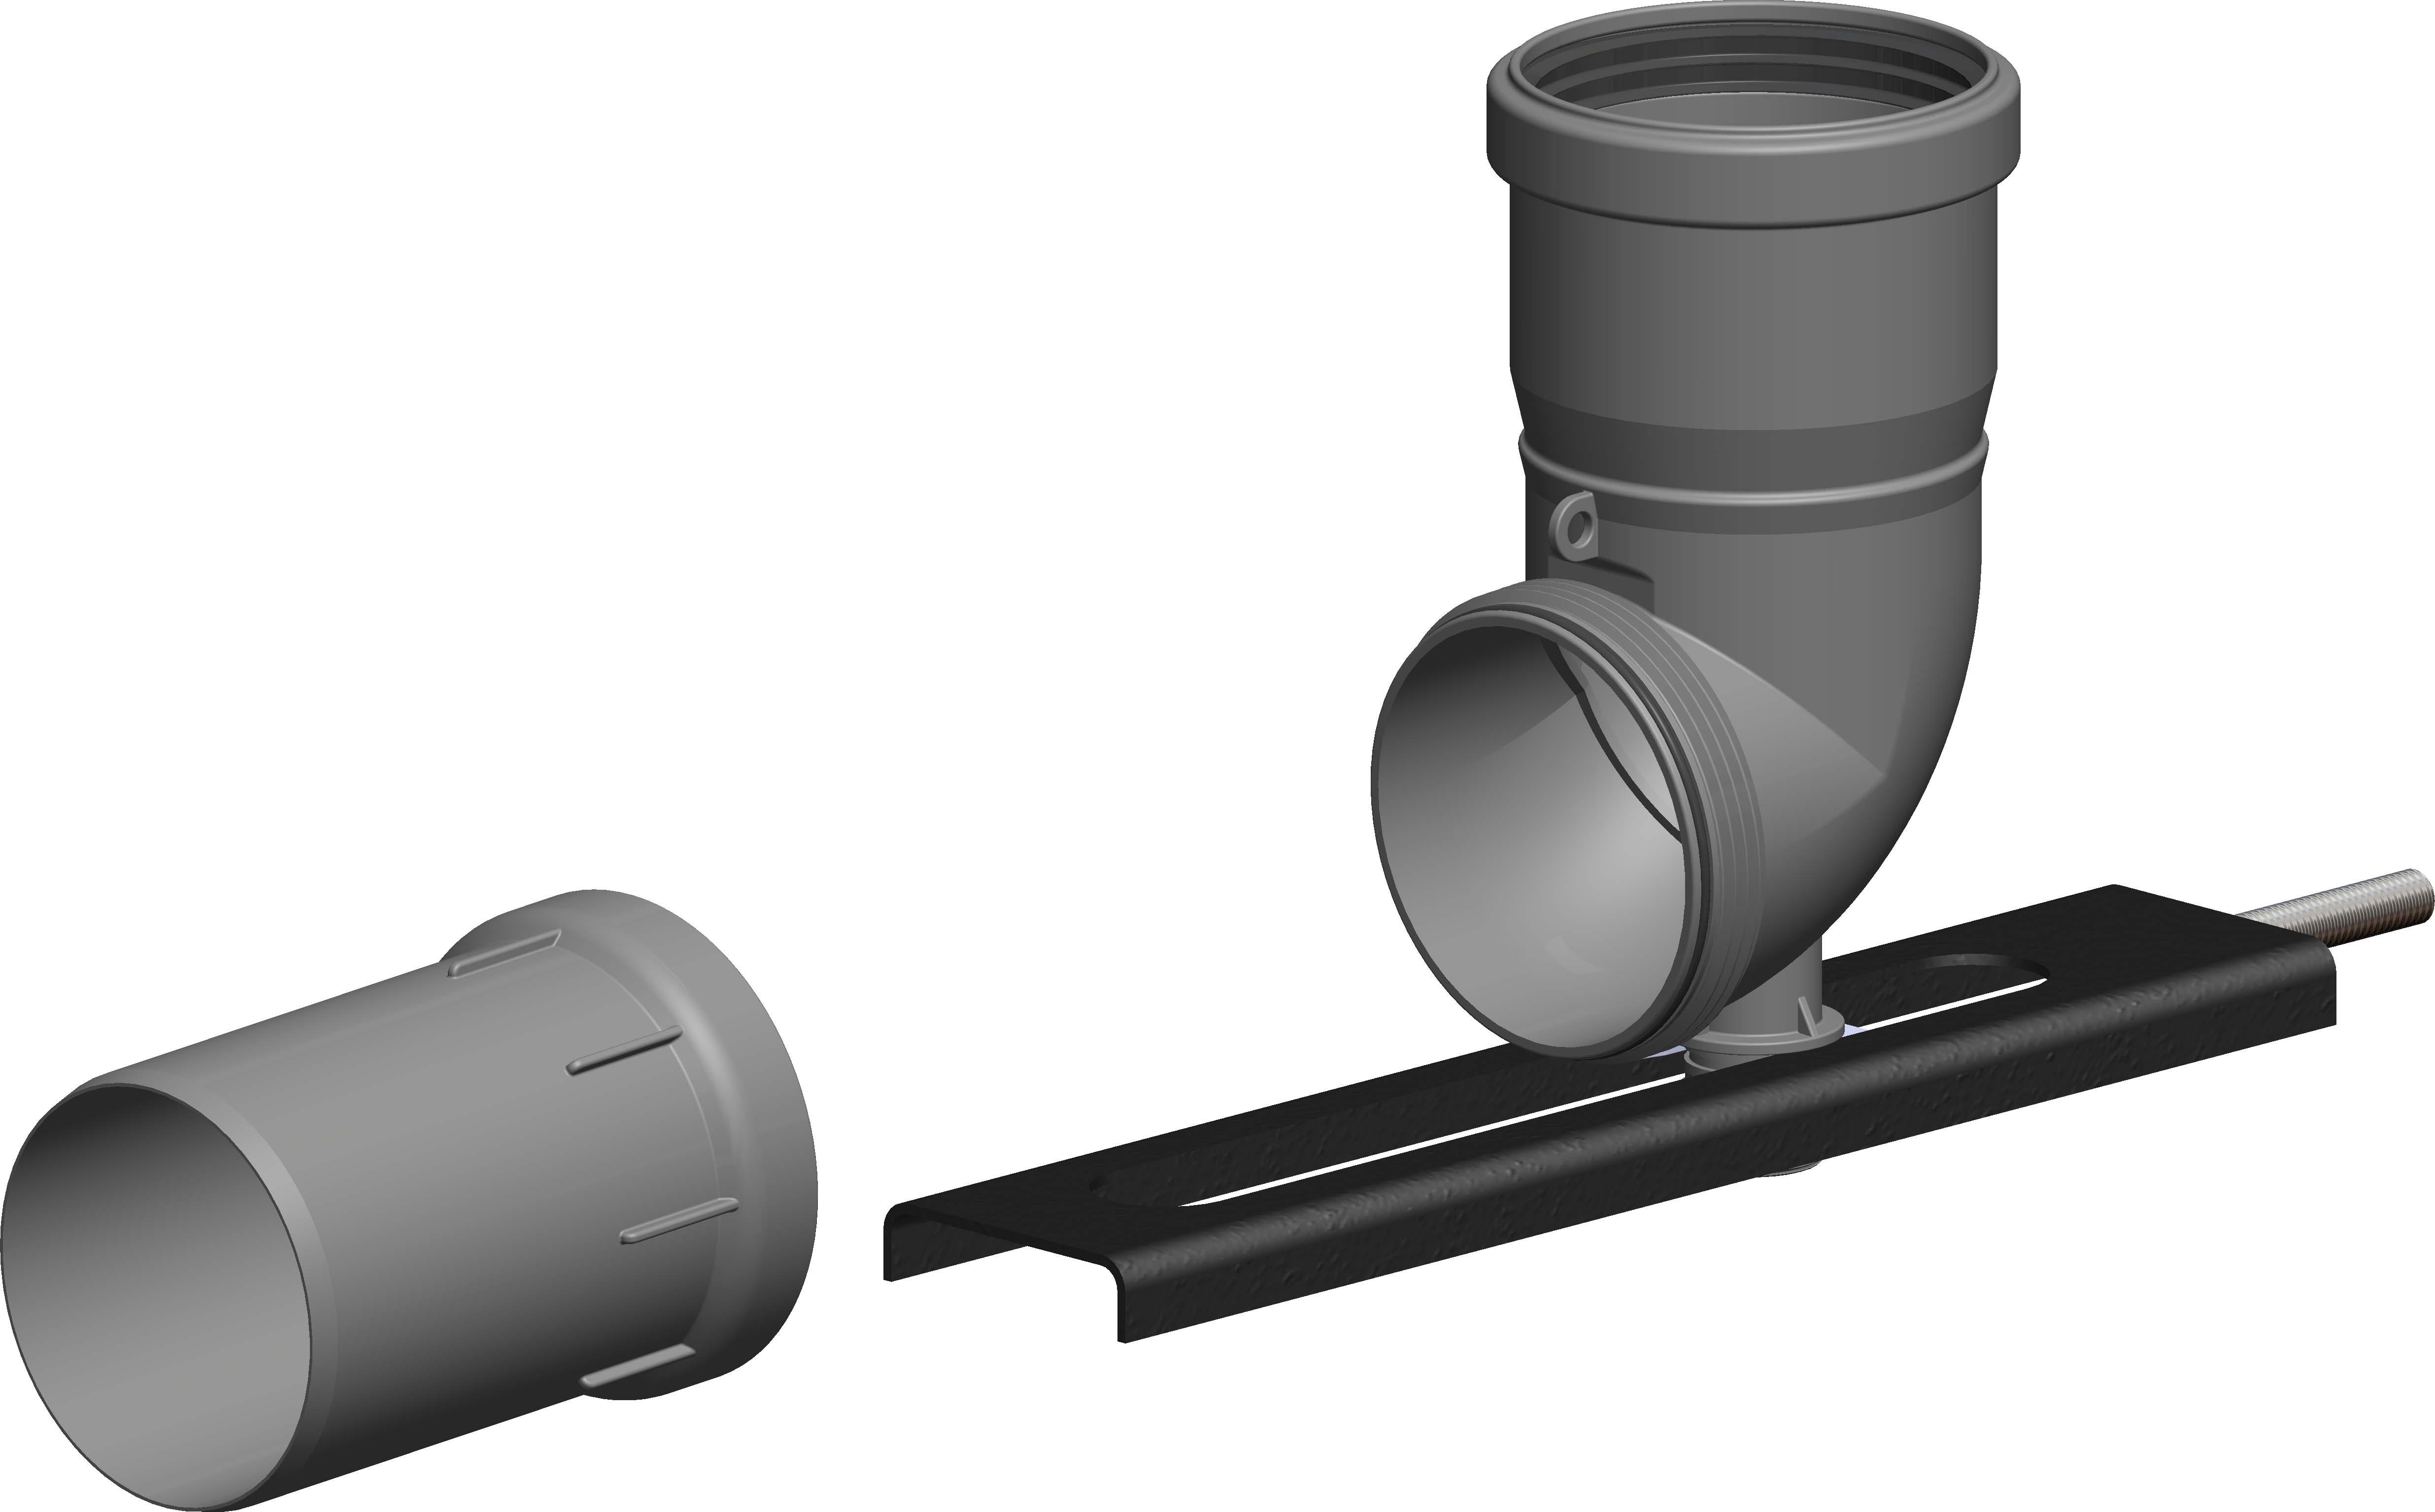 Schachteinführung mit Auflager und Stutzen, schraubbar Ø 80 mm - Kunststoff für Jeremias EW-PPS